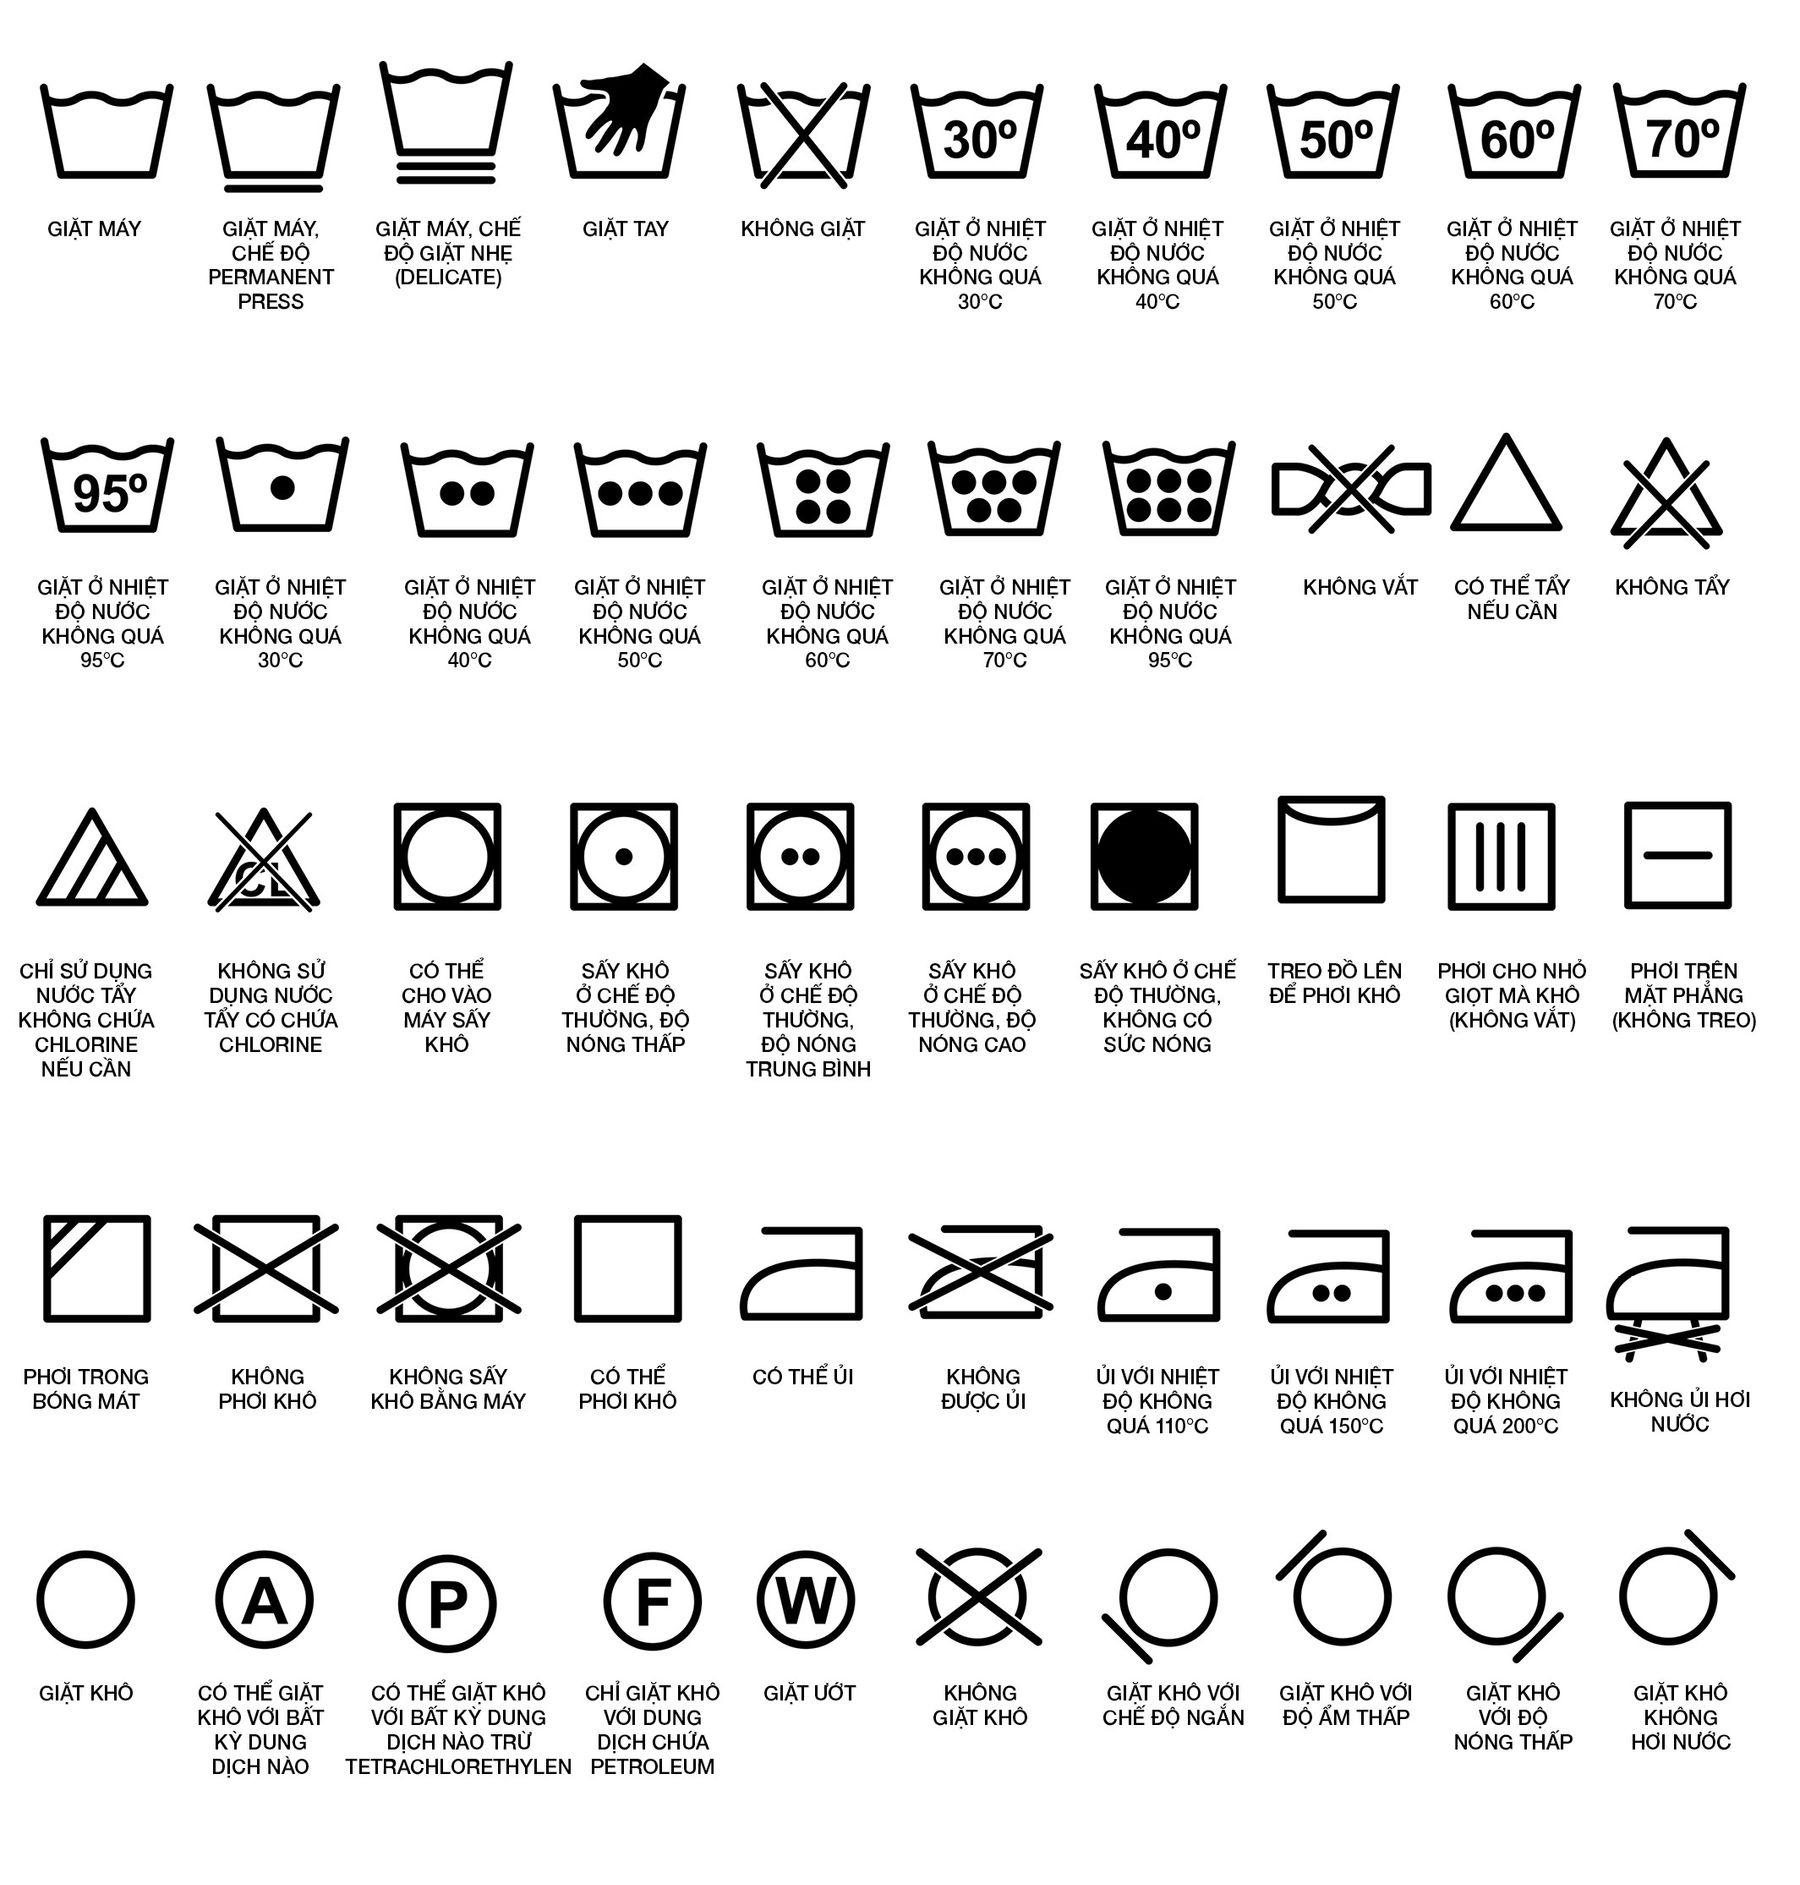 ký hiệu giặt trên quần áo